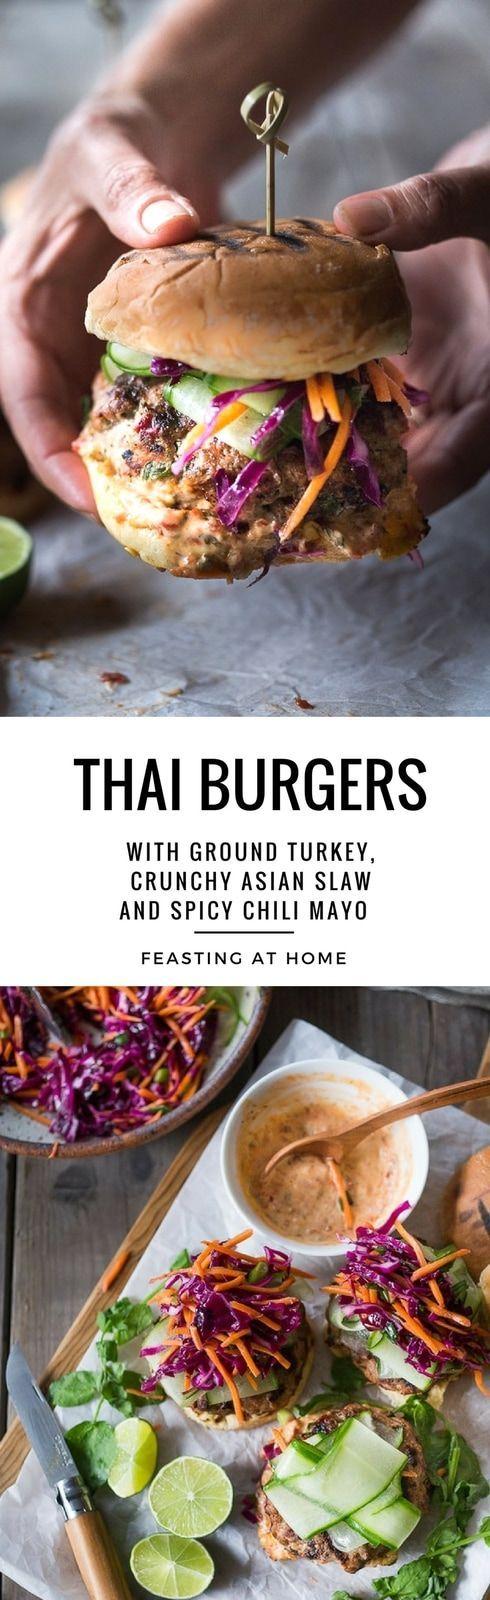 Thai Turkey Burger Recipe w/ Asian Slaw